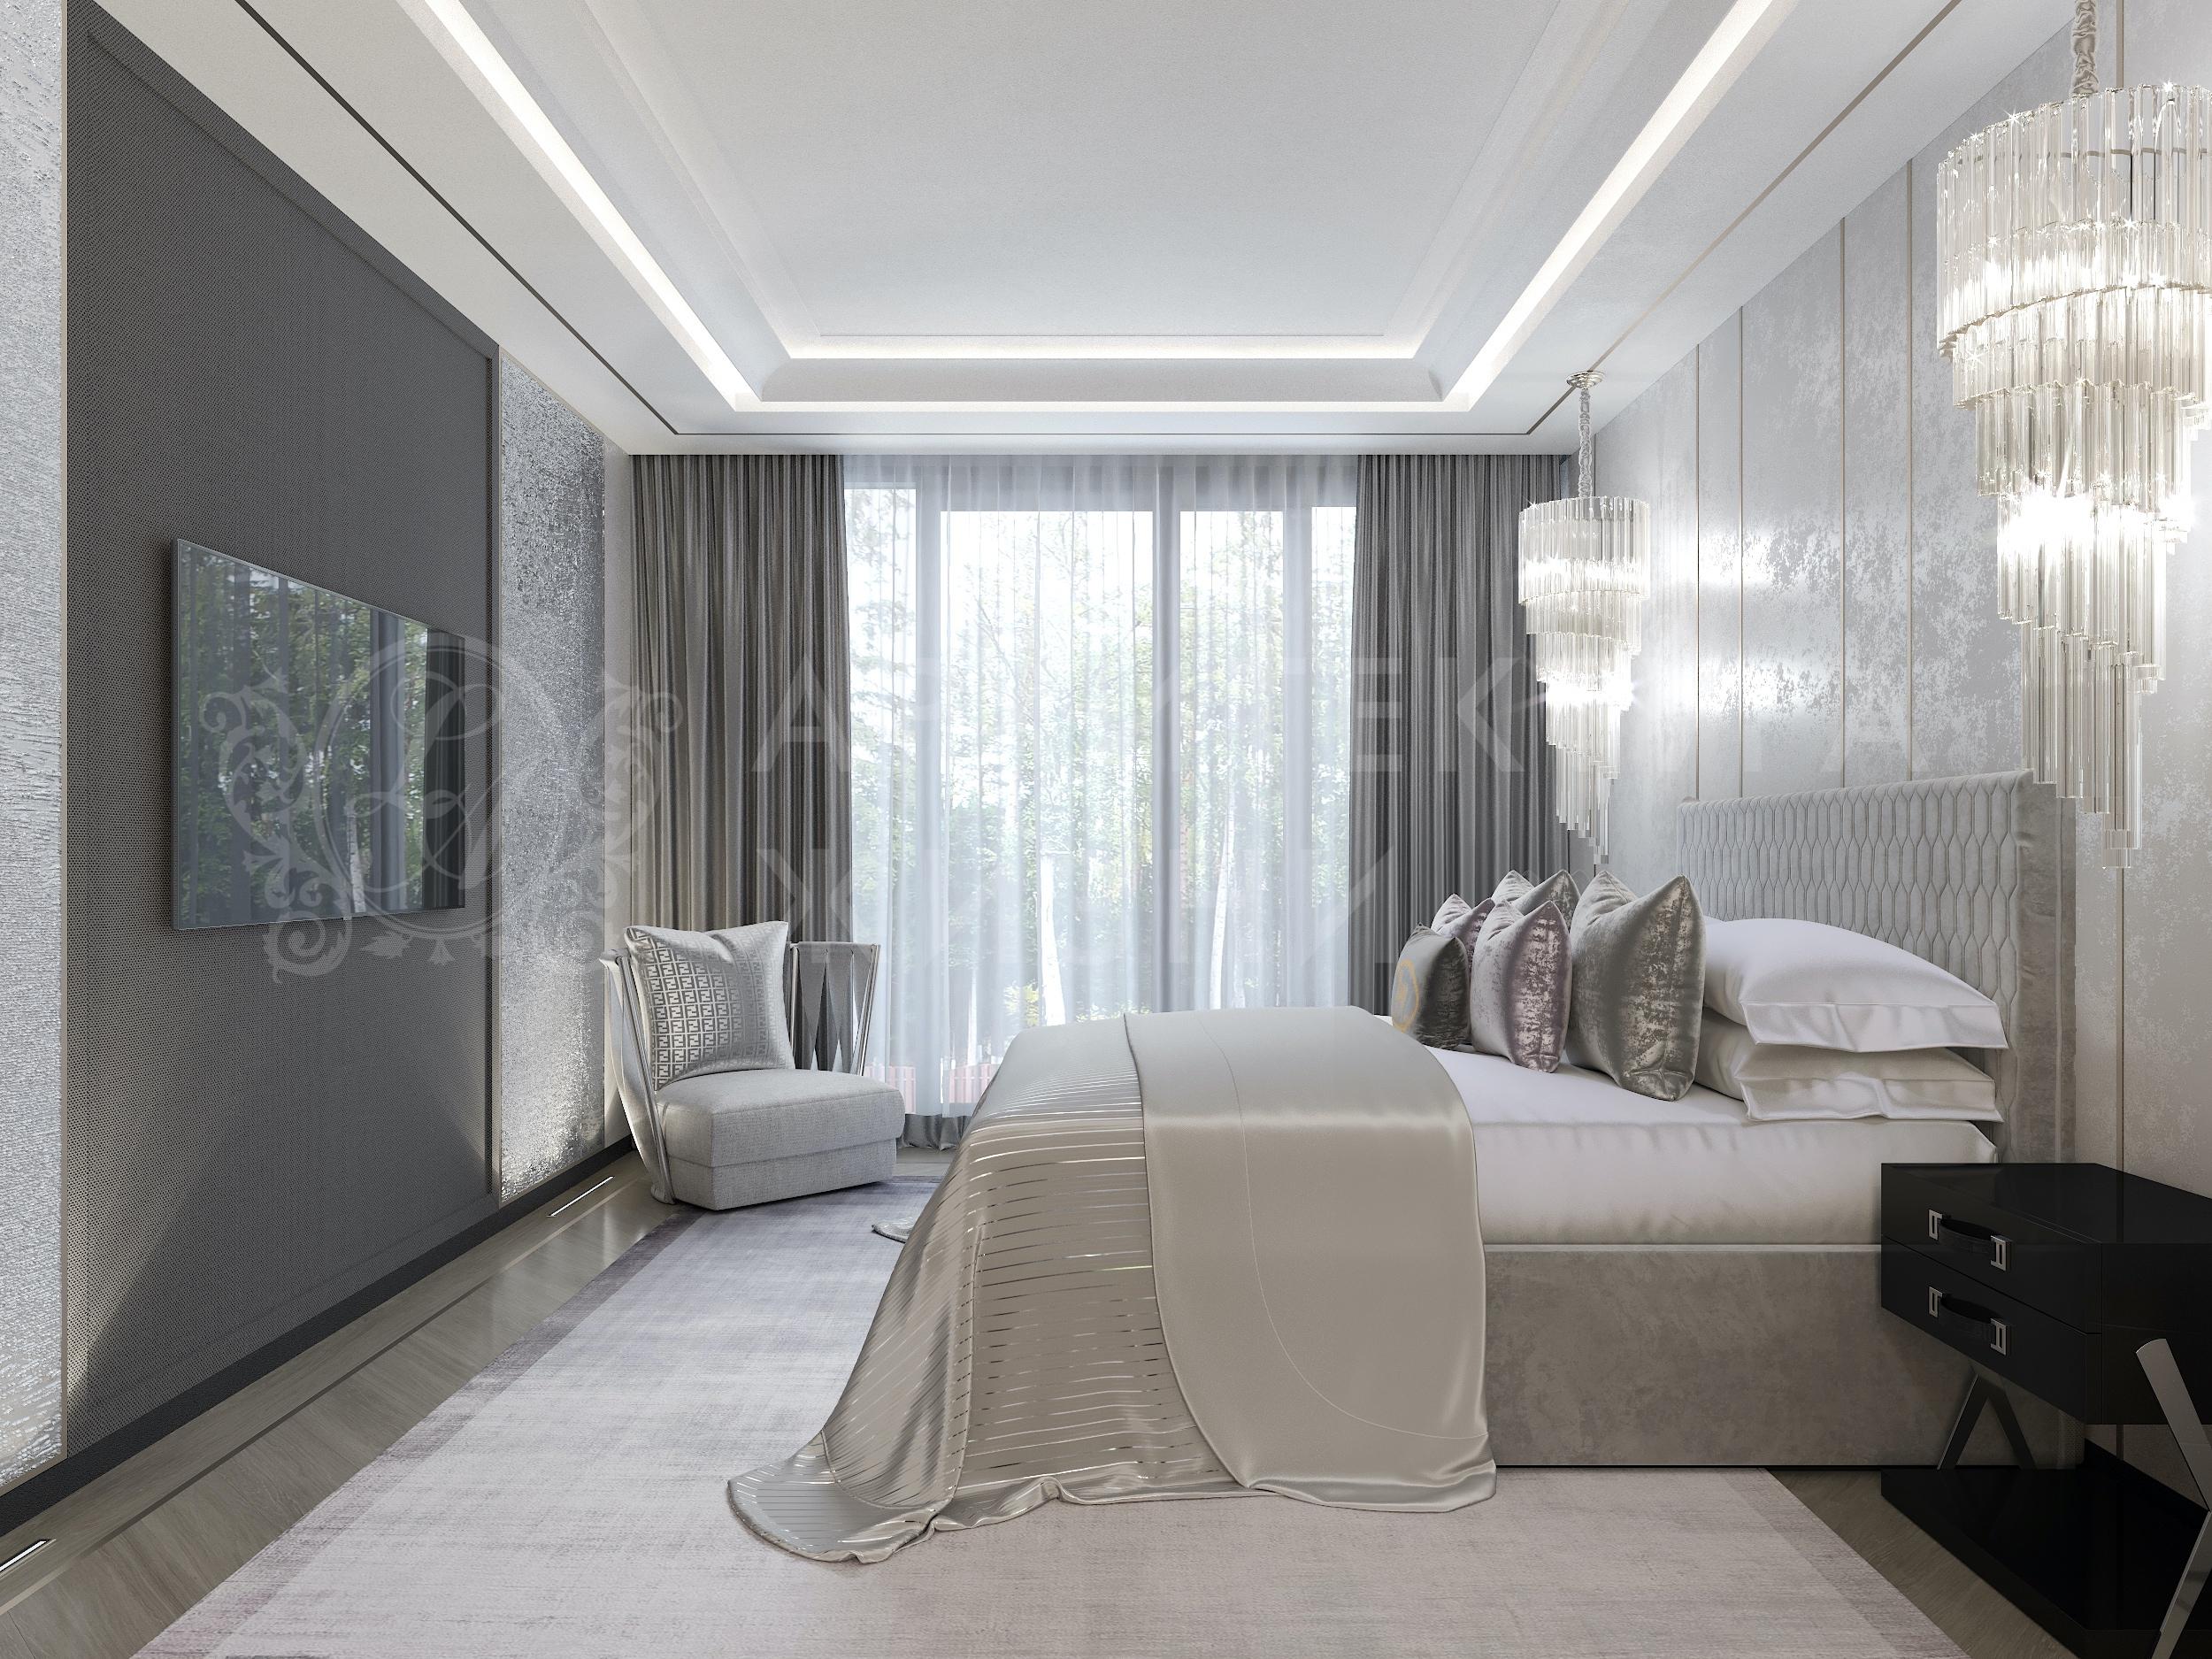 BedroomVid3_v3.jpg